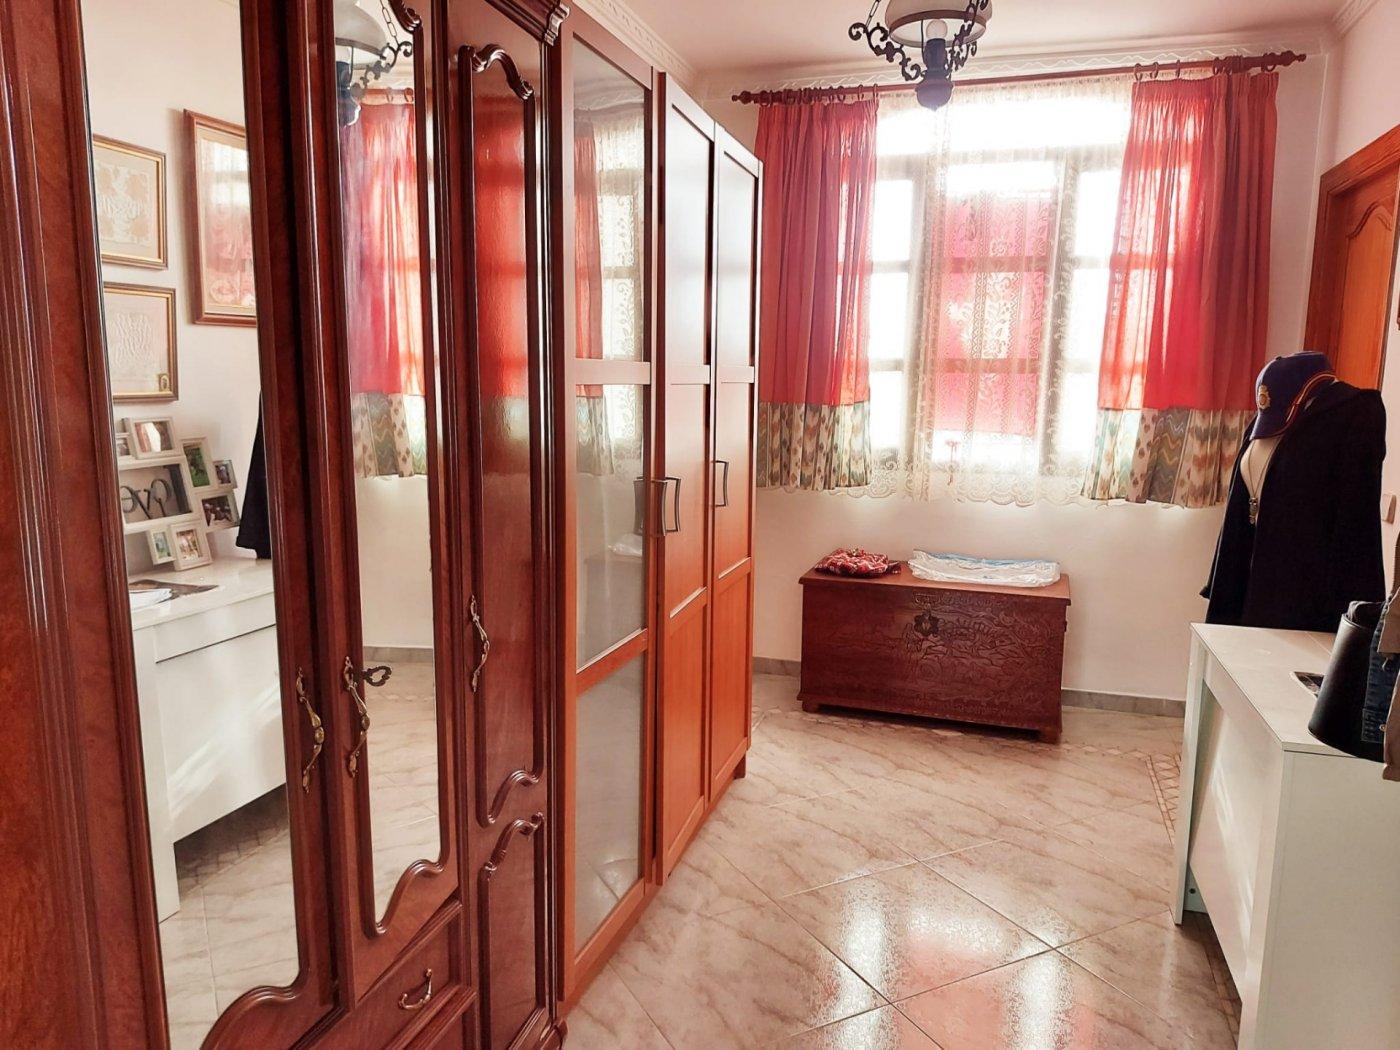 En venta espectacular casa o chalet en can carbonellell-sa cabana - imagenInmueble18